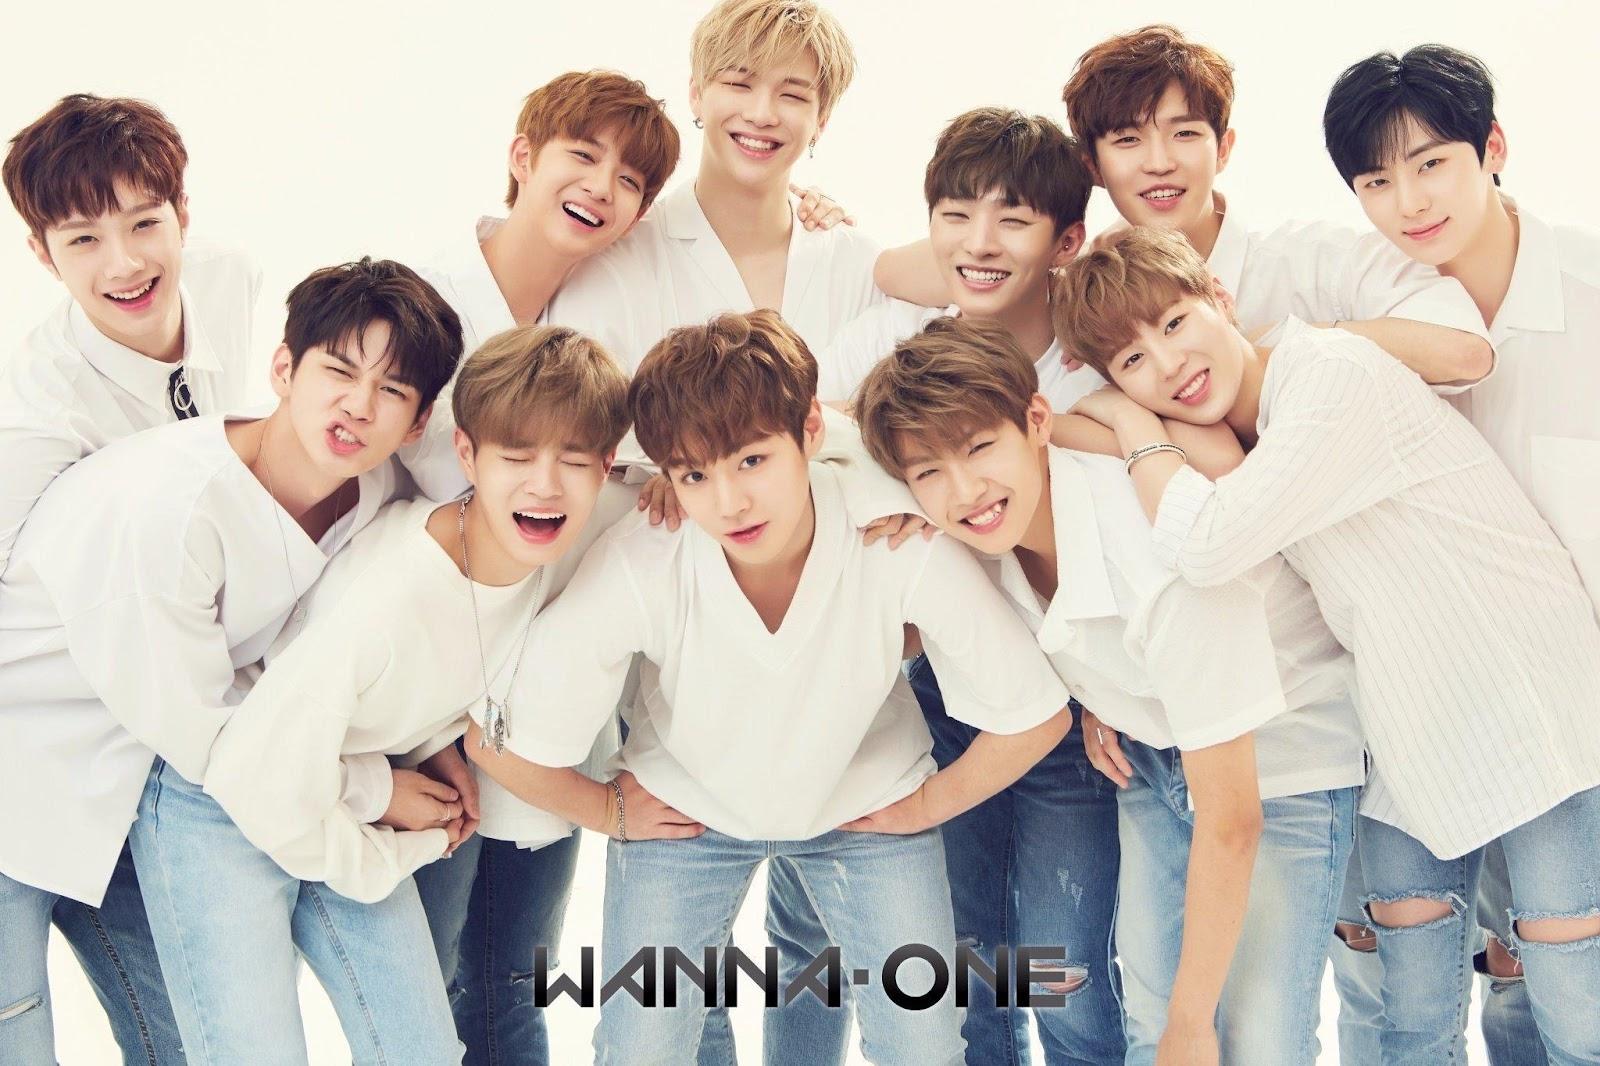 15 lý do tại sao dù đã tan rã Wanna One vẫn đang và sẽ sống mãi trong trái  tim người hâm mộ - BlogAnChoi